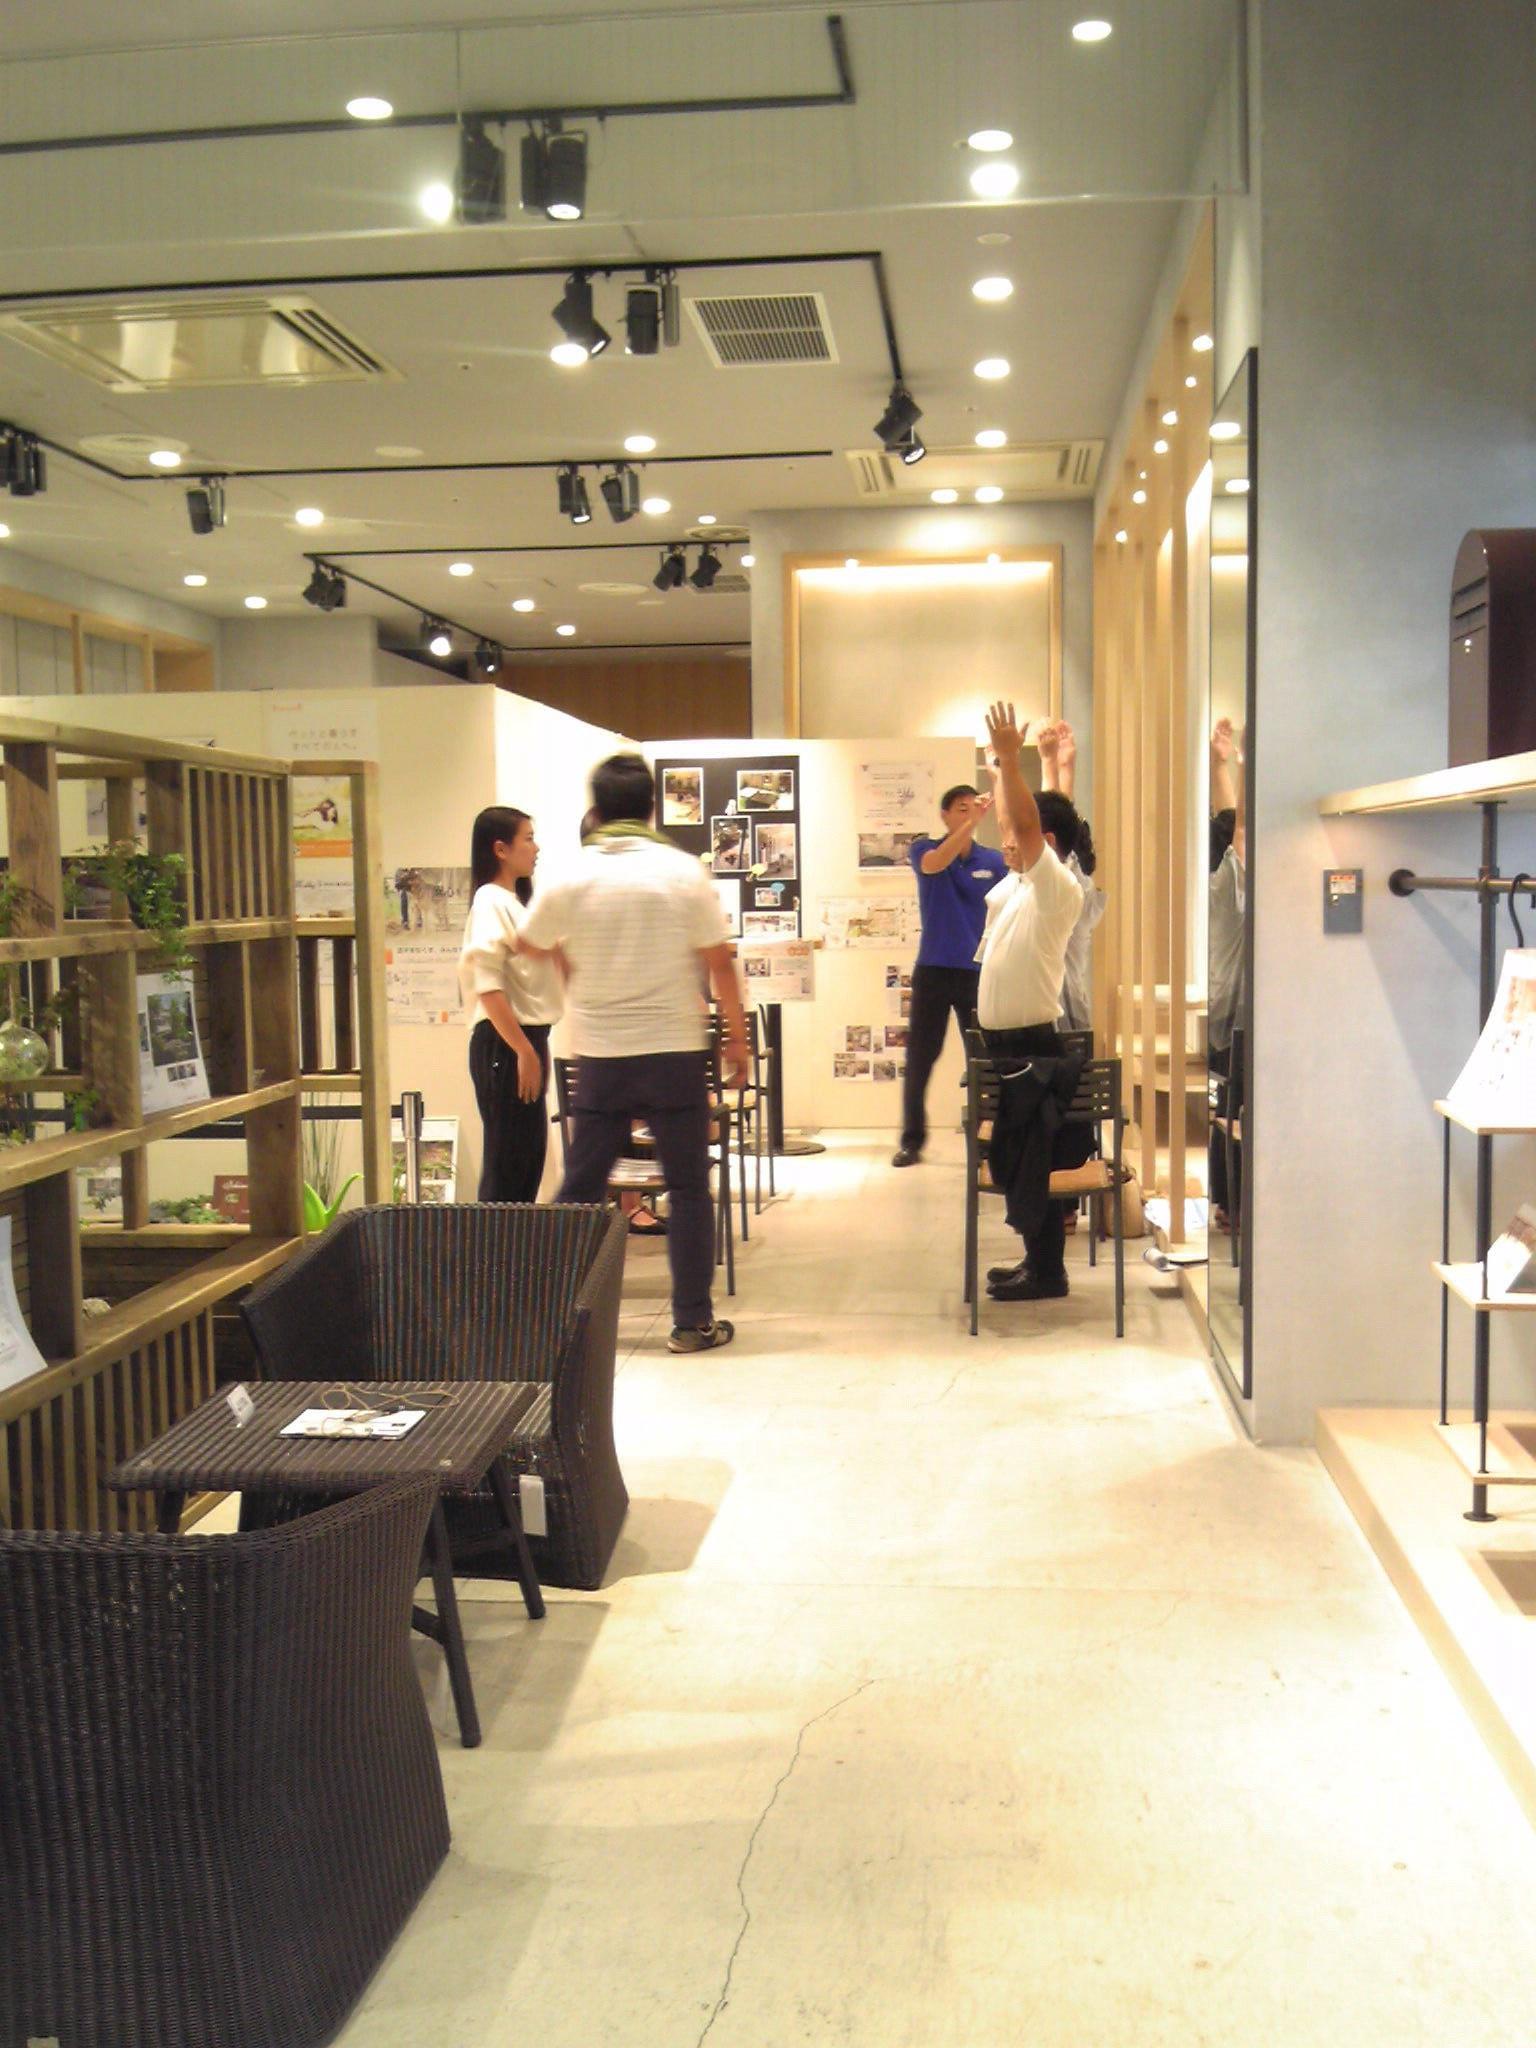 阪急モザイクモール港北特設イベント開催「庭と出会い~涼やかな暮らし」セントラルスポーツ講演